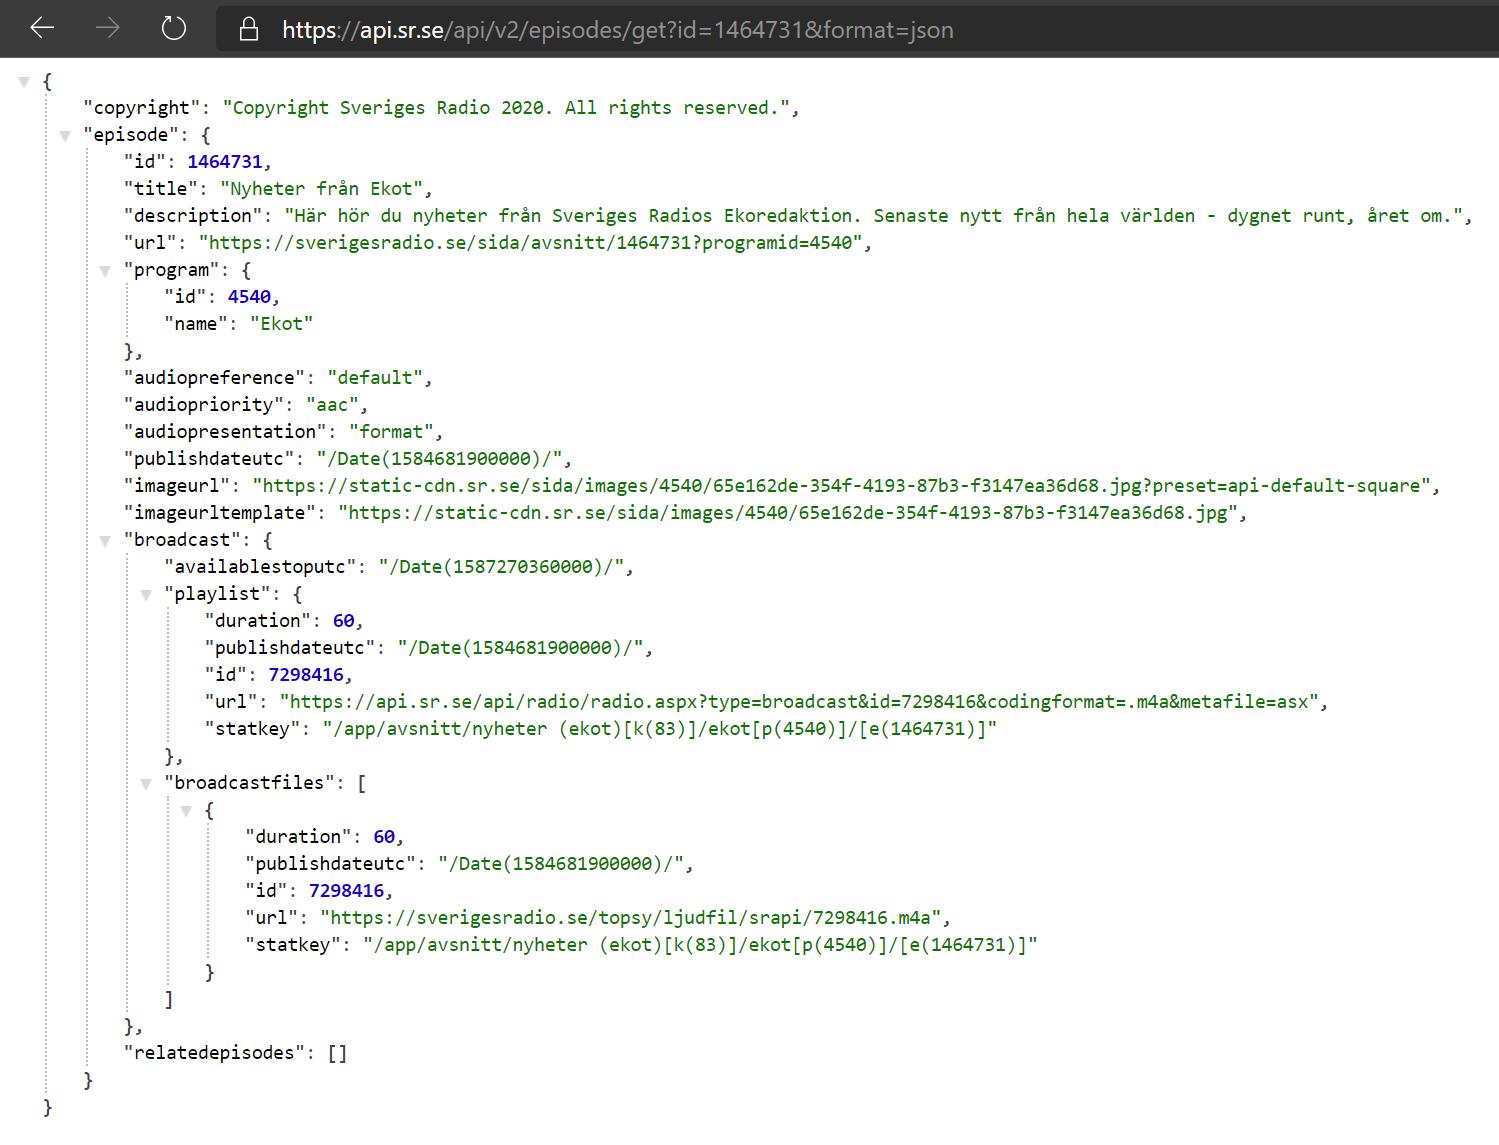 Screenshot of SR API episode details result